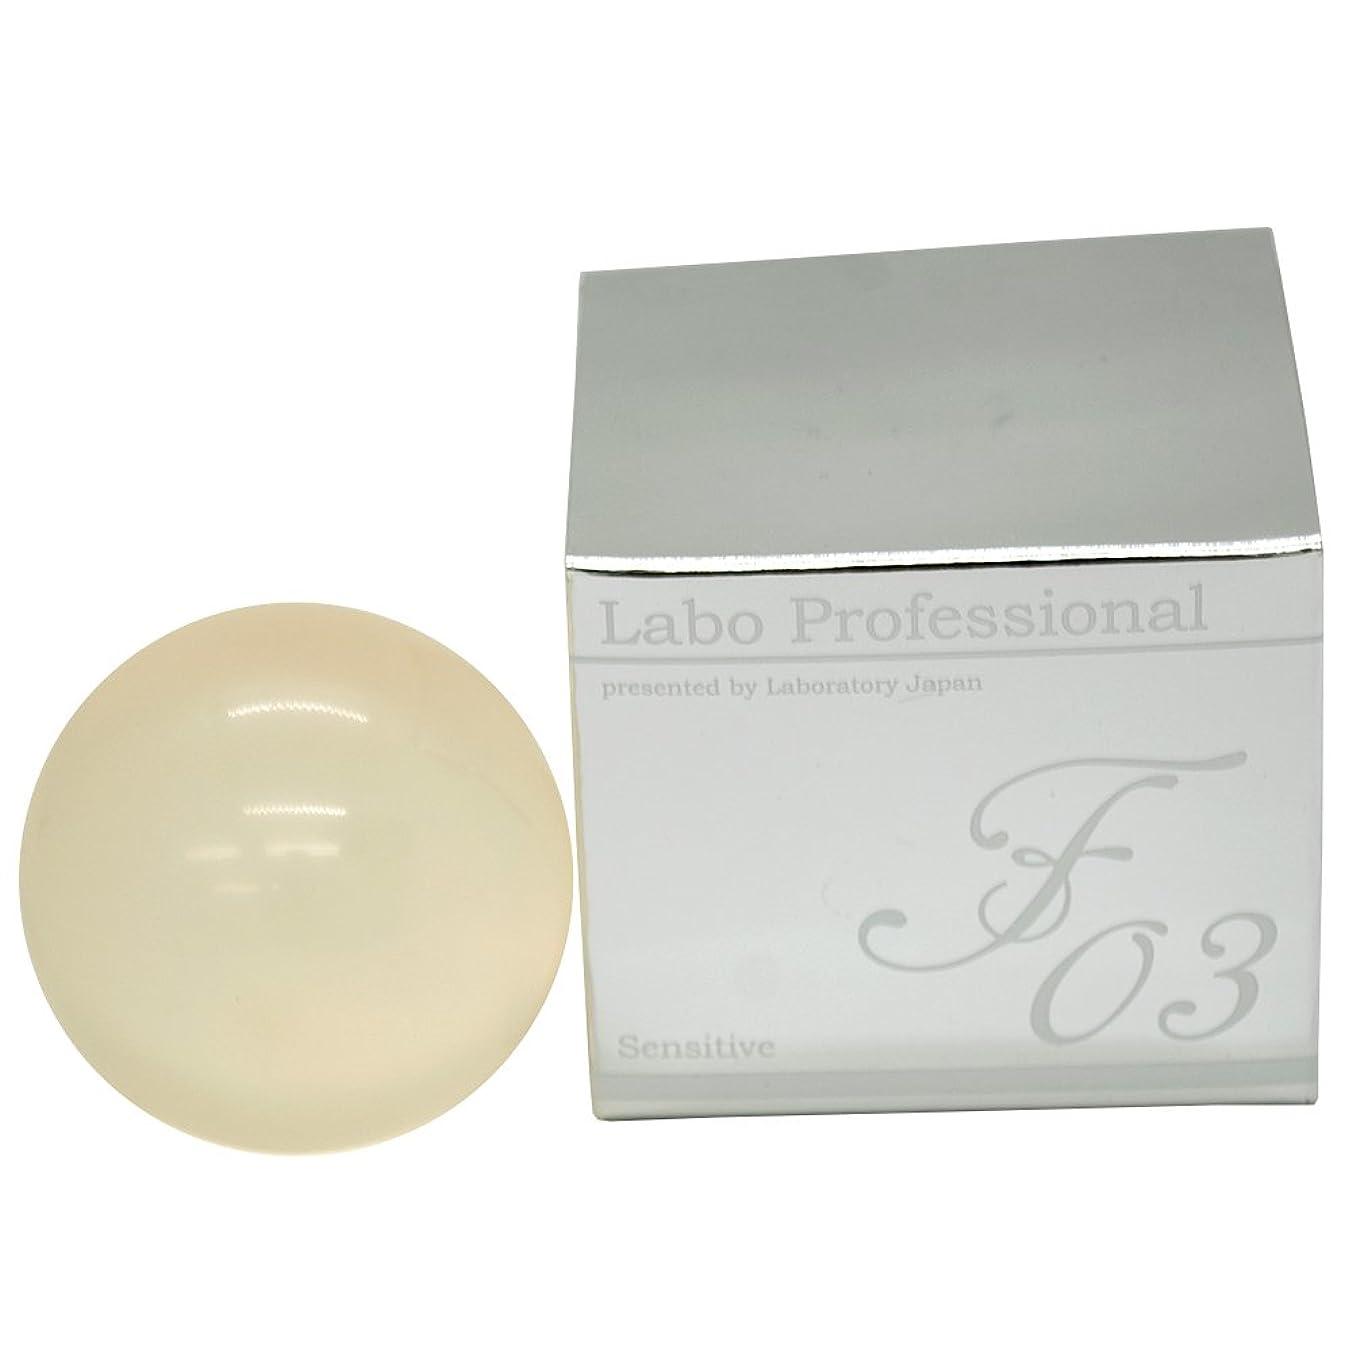 司令官セーブ浜辺日本製【真性フコイダン配合】赤ちゃんから使える 敏感肌向け美容石鹸 Labo Professional F03